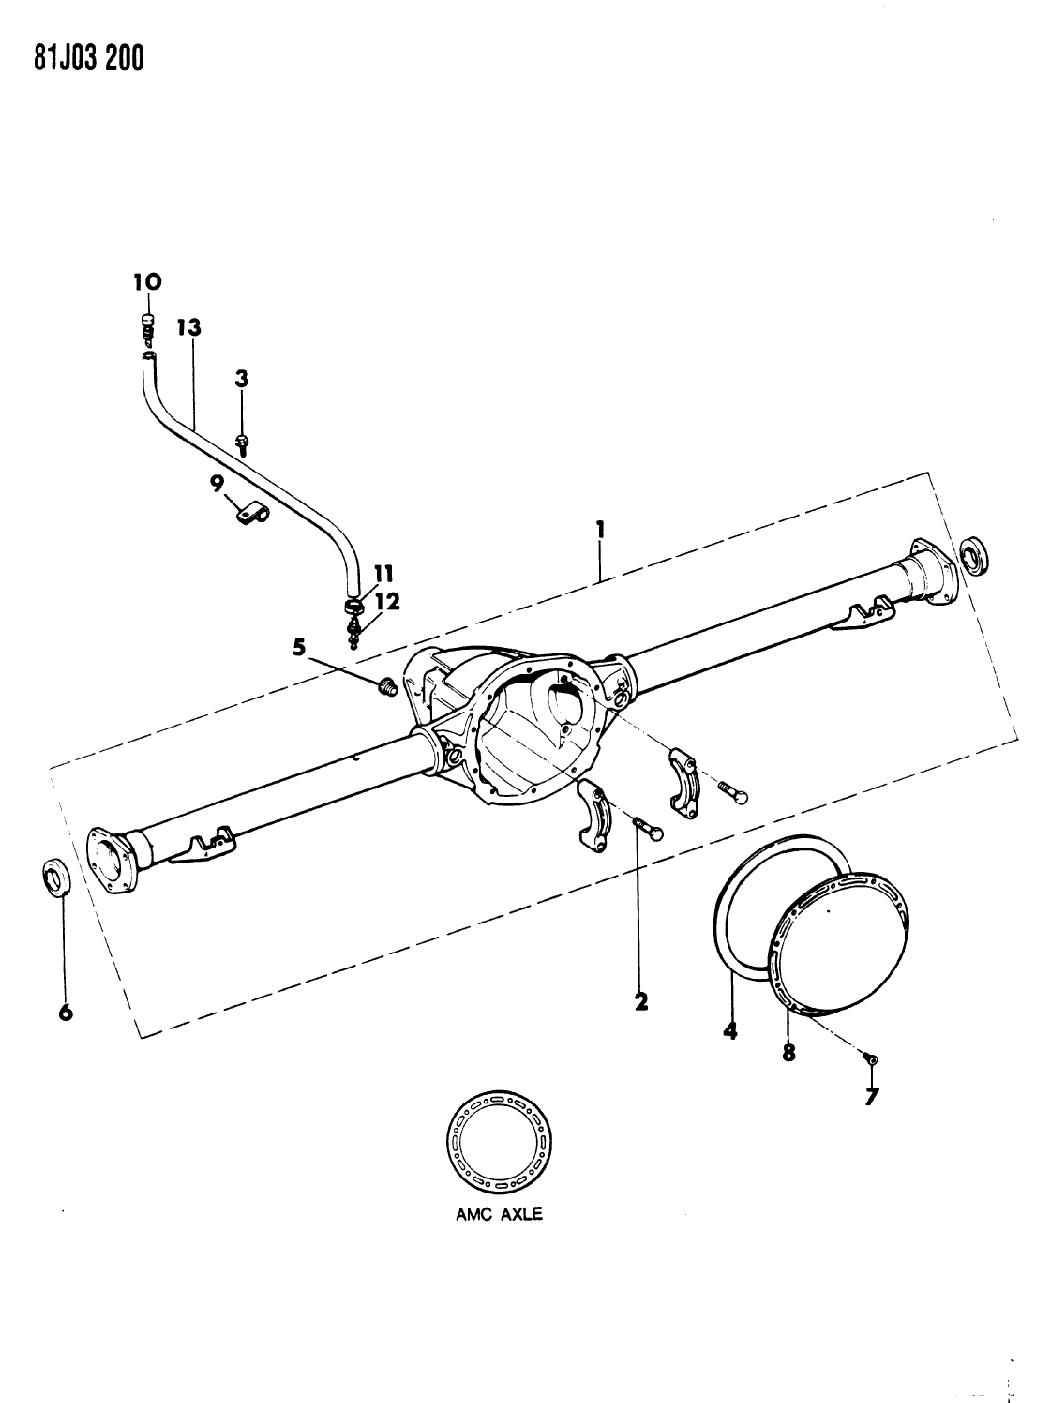 Jeep Wrangler Axle Parts